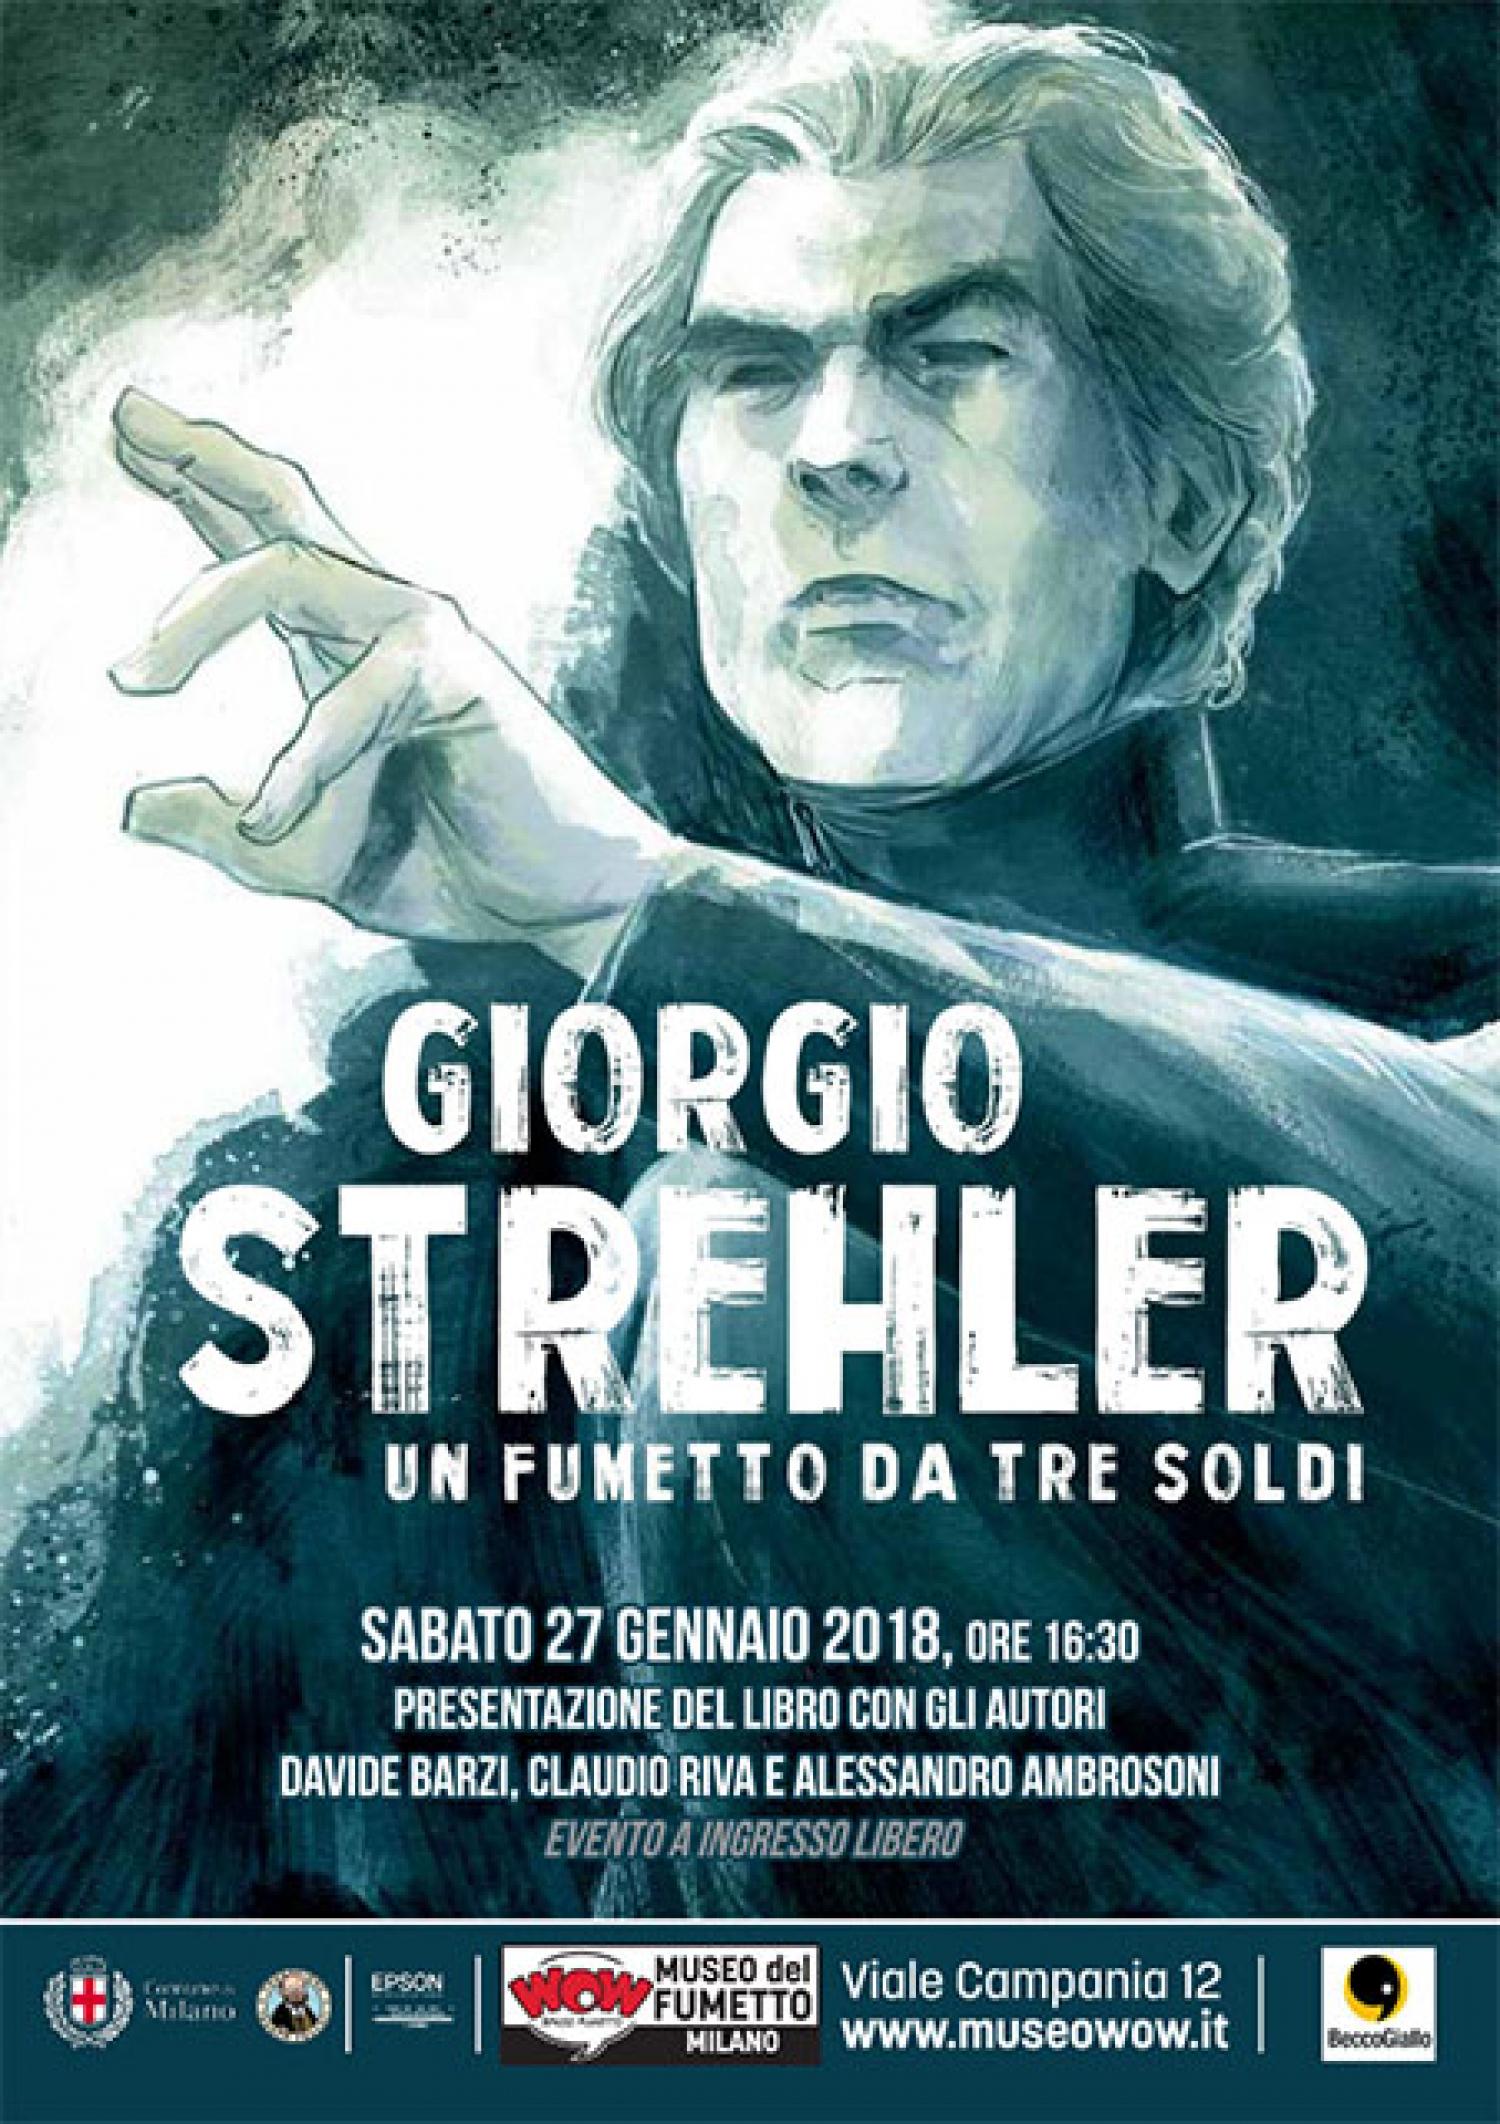 <p><strong><em>Giorgio Strehler &ndash; Un fumetto da tre soldi</em> (edizioni BeccoGiallo)&nbsp;racconta la storia dell&rsquo;incontro tra due geni del teatro europeo: Giorgio Strehler, giovane regista ambizioso, e Bertolt Brecht, drammaturgo di fama mondiale.</strong> I due s&rsquo;incontrano a Berlino Est nell&rsquo;ottobre 1955, perch&eacute; il regista italiano ha l&rsquo;urgenza di sottoporre ventisette domande al grande scrittore tedesco. L&rsquo;oggetto delle domande &egrave; L&rsquo;opera da tre soldi, la commedia pi&ugrave; famosa di Brecht, che Strehler vuole portare sul palcoscenico del Piccolo Teatro di Milano, prima importante messa in scena in Italia di un testo brechtiano. <strong>Il libro narra la genesi dello spettacolo.</strong> Dall&rsquo;idea iniziale sviluppata nell&rsquo;ironico confronto berlinese tra i due artisti, alla costruzione del cast, dalle faticose prove cantate e recitate, nella spasmodica ricerca di mettere in pratica la recitazione epica teorizzata da Brecht. <strong>La storia narra le vicende umane e artistiche di indimenticabili personalit&agrave; del teatro e dello spettacolo</strong>: Giorgio Strehler e Paolo Grassi, Mario Carotenuto e Milly, Tino Carraro e Gino Negri, lo stesso Bertolt Brecht, che per la prima volta assiste a una sua commedia in Italia nella trionfale messa in scena del 10 febbraio 1956 sul palcoscenico del Piccolo, primo teatro pubblico italiano. <strong>Sullo sfondo c&rsquo;&egrave; Milano, livida e gelida a causa di un inverno eccezionalmente freddo, quello del 1956, con &ldquo;la nevicata del secolo&rdquo;</strong> che si alterna a giornate di luminoso sole, e con i milanesi raggelati dal clima polare di quei giorni. Via Rovello e il Piccolo Teatro, il Duomo e la Galleria, via Vittorio Emanuele e Piazza Cordusio, l&rsquo;Hotel Manin e lo Zoo dei Giardini di Porta Venezia, via Manzoni e il Teatro Odeon, fanno da scenografia a una storia profondamente milanese ma di respiro internazionale. Il libro, che ha 